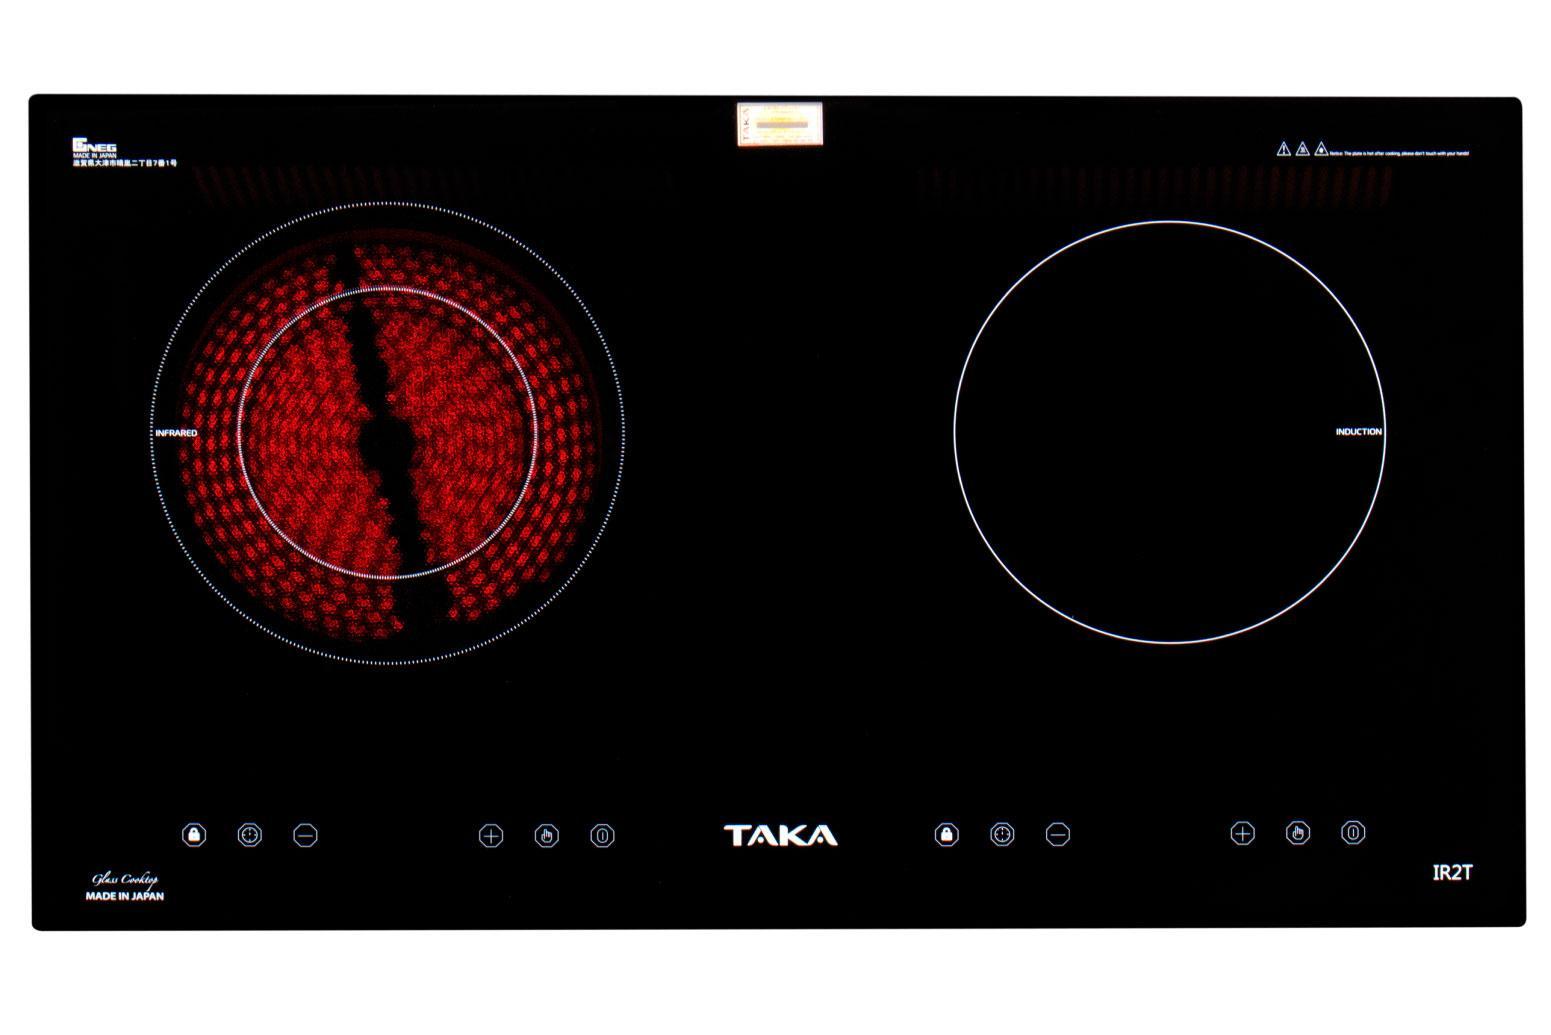 Bếp Từ+Hồng Ngoại Kính Made in Japan TAKA IR2T